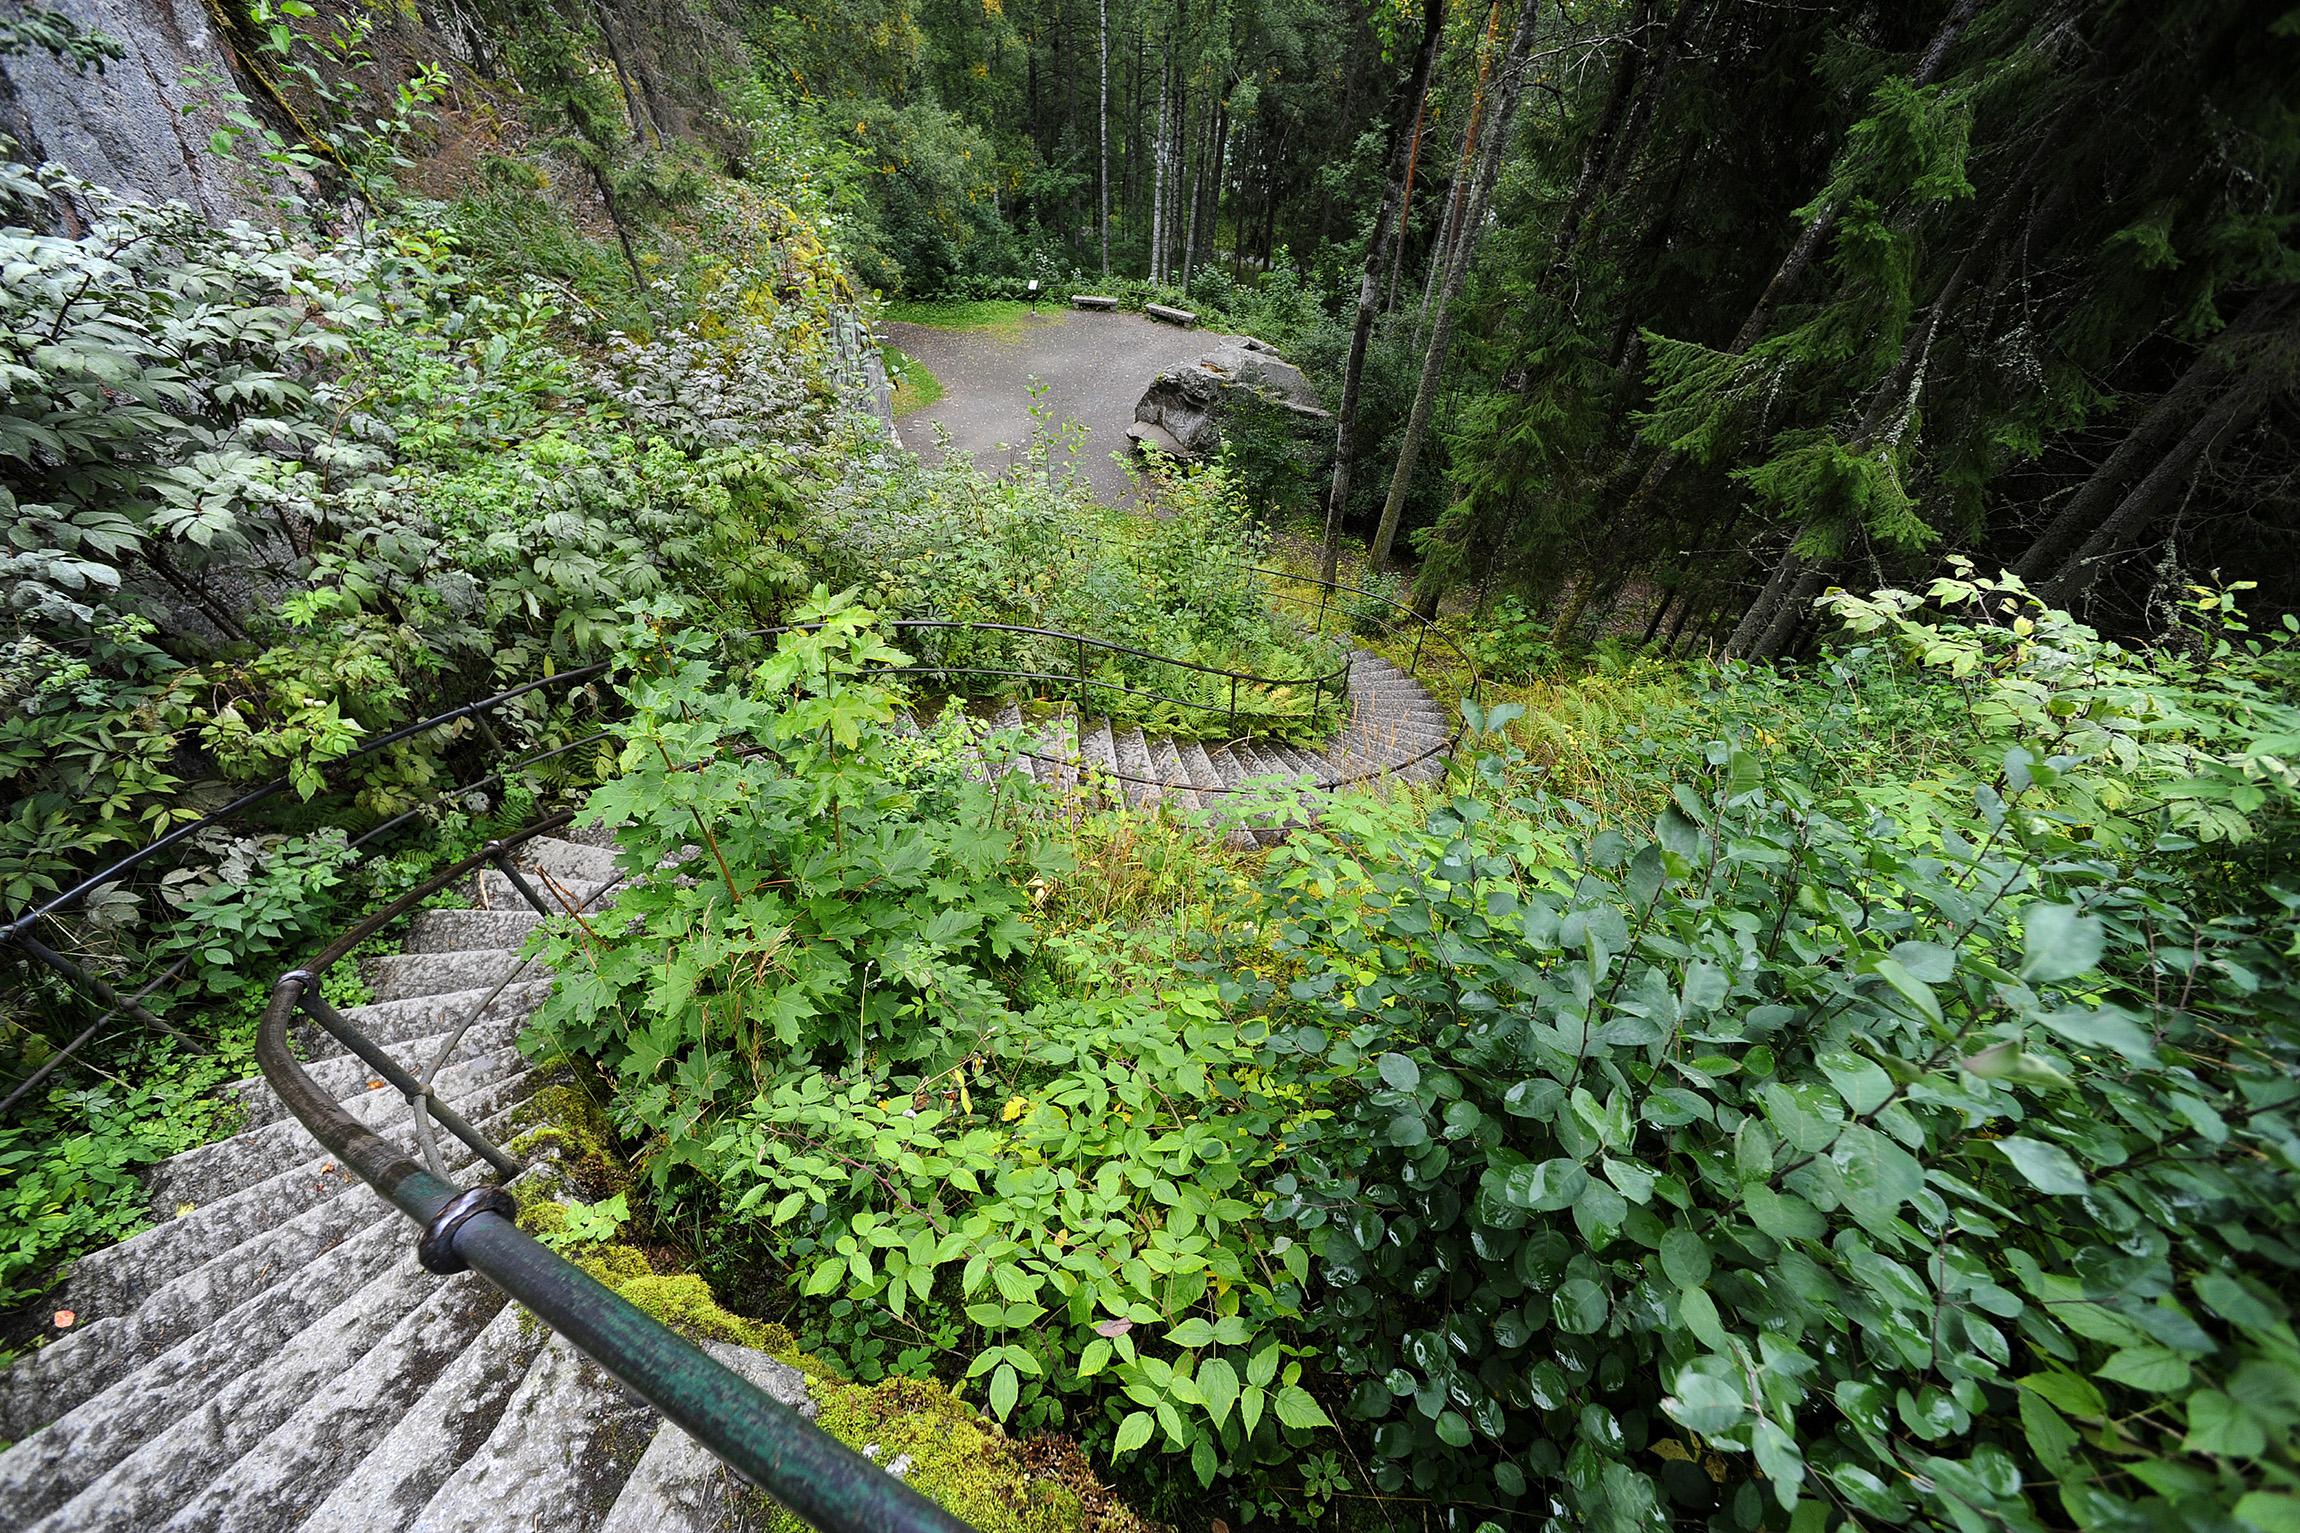 Näkötornin ja näköalatasanteen vierestä voi laskeutua jyrkkiä kiviportaita Karhuluolalle ja Aulangonjärven rantaan asti.